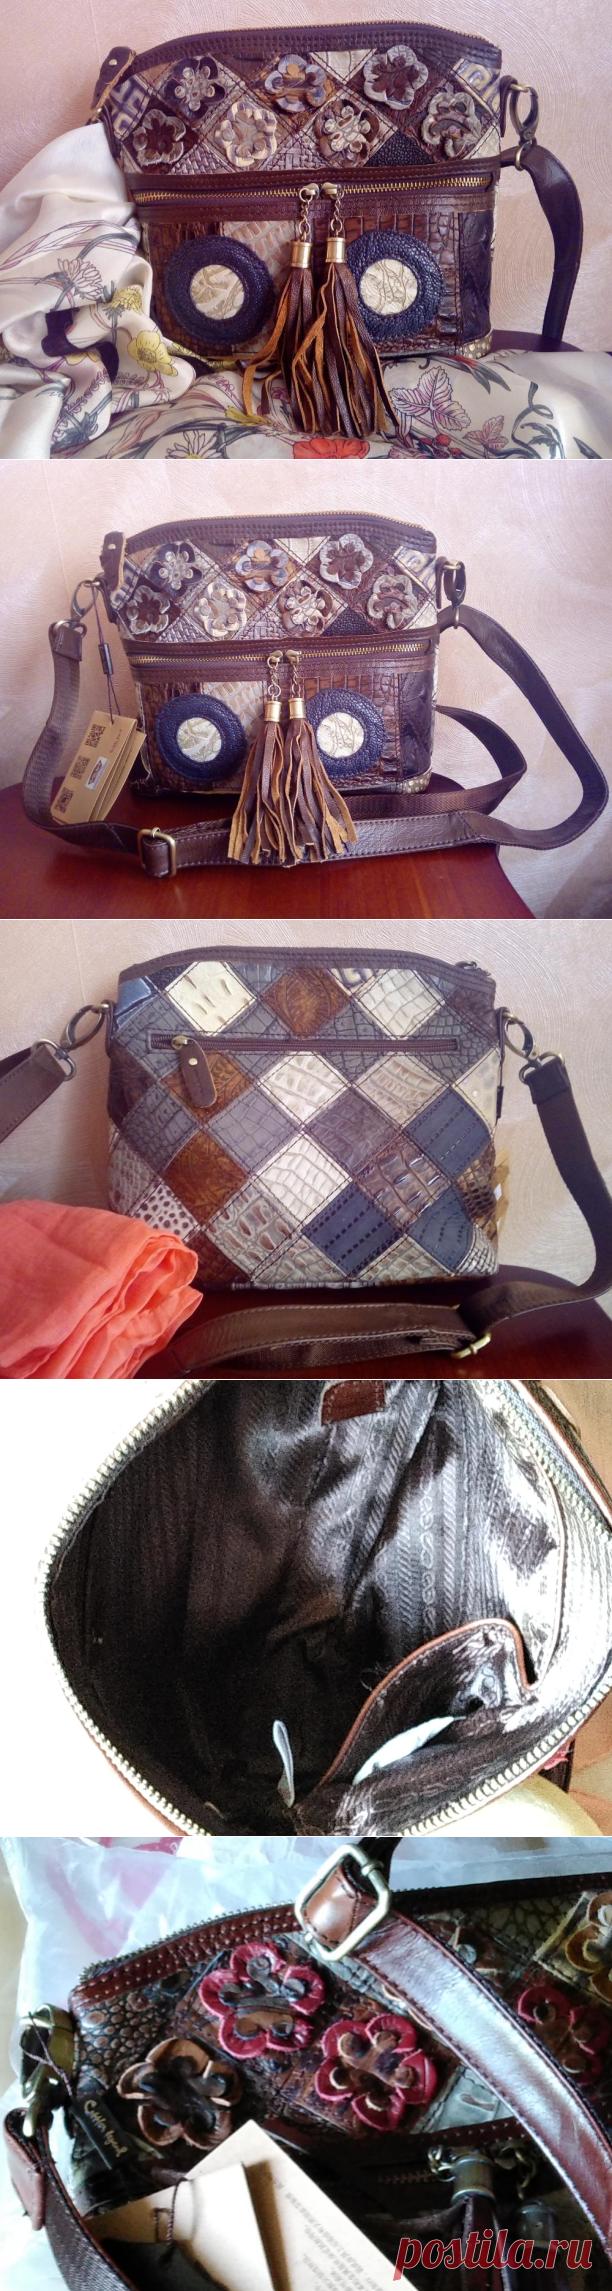 Сказать, что она отличная, ничего не сказать, она великолепна. Пищу от восторга. Сумка сразу понравилась, превзошла все ожидания. Все соответствует описанию. Кожа 100%, запах кожи присутствует. Посылка была хорошо запакована. Внутри сумки находился пакет с воздухом. Цветочки на сумке почти не помялись. Ремешок у сумки длинный, регулируемый под любой рост, немного грубоват, но не критично.. Внутри сумки есть кармашек на молнии и два кармашка без молнии. Снаружи сумки   объёмная вязка  